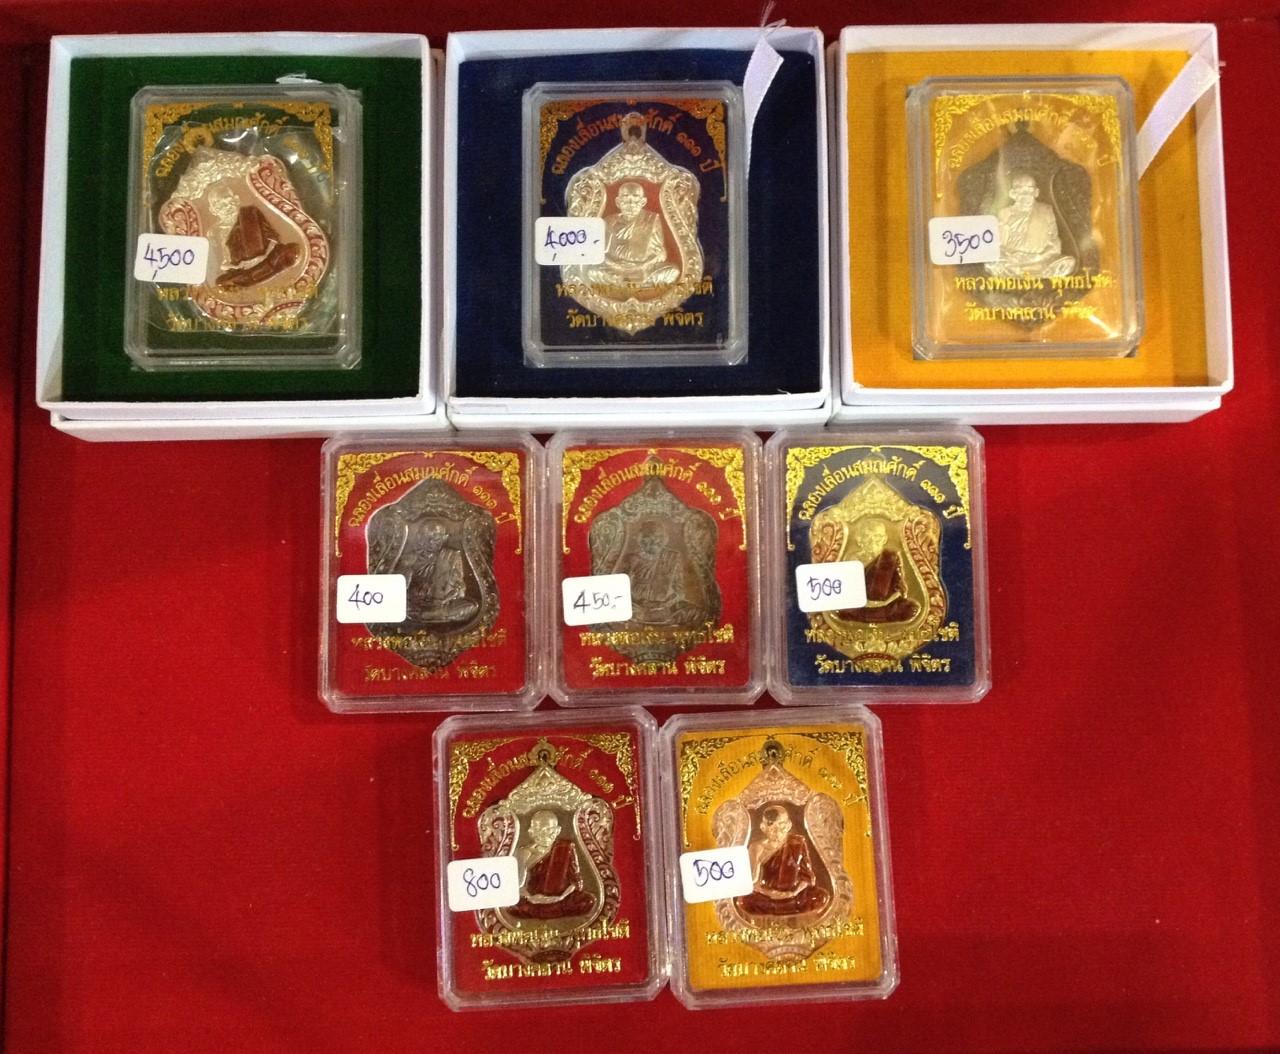 หลวงพ่อเงิน วัดบางคลาน พิจิตร เหรียญเสมาเลื่อนสมณศักดิ์ 111 ปี เน้นพิธีดีๆต้องรุ่นนี้เลยค่ะ !!ล็อตสุดท้ายค่ะ